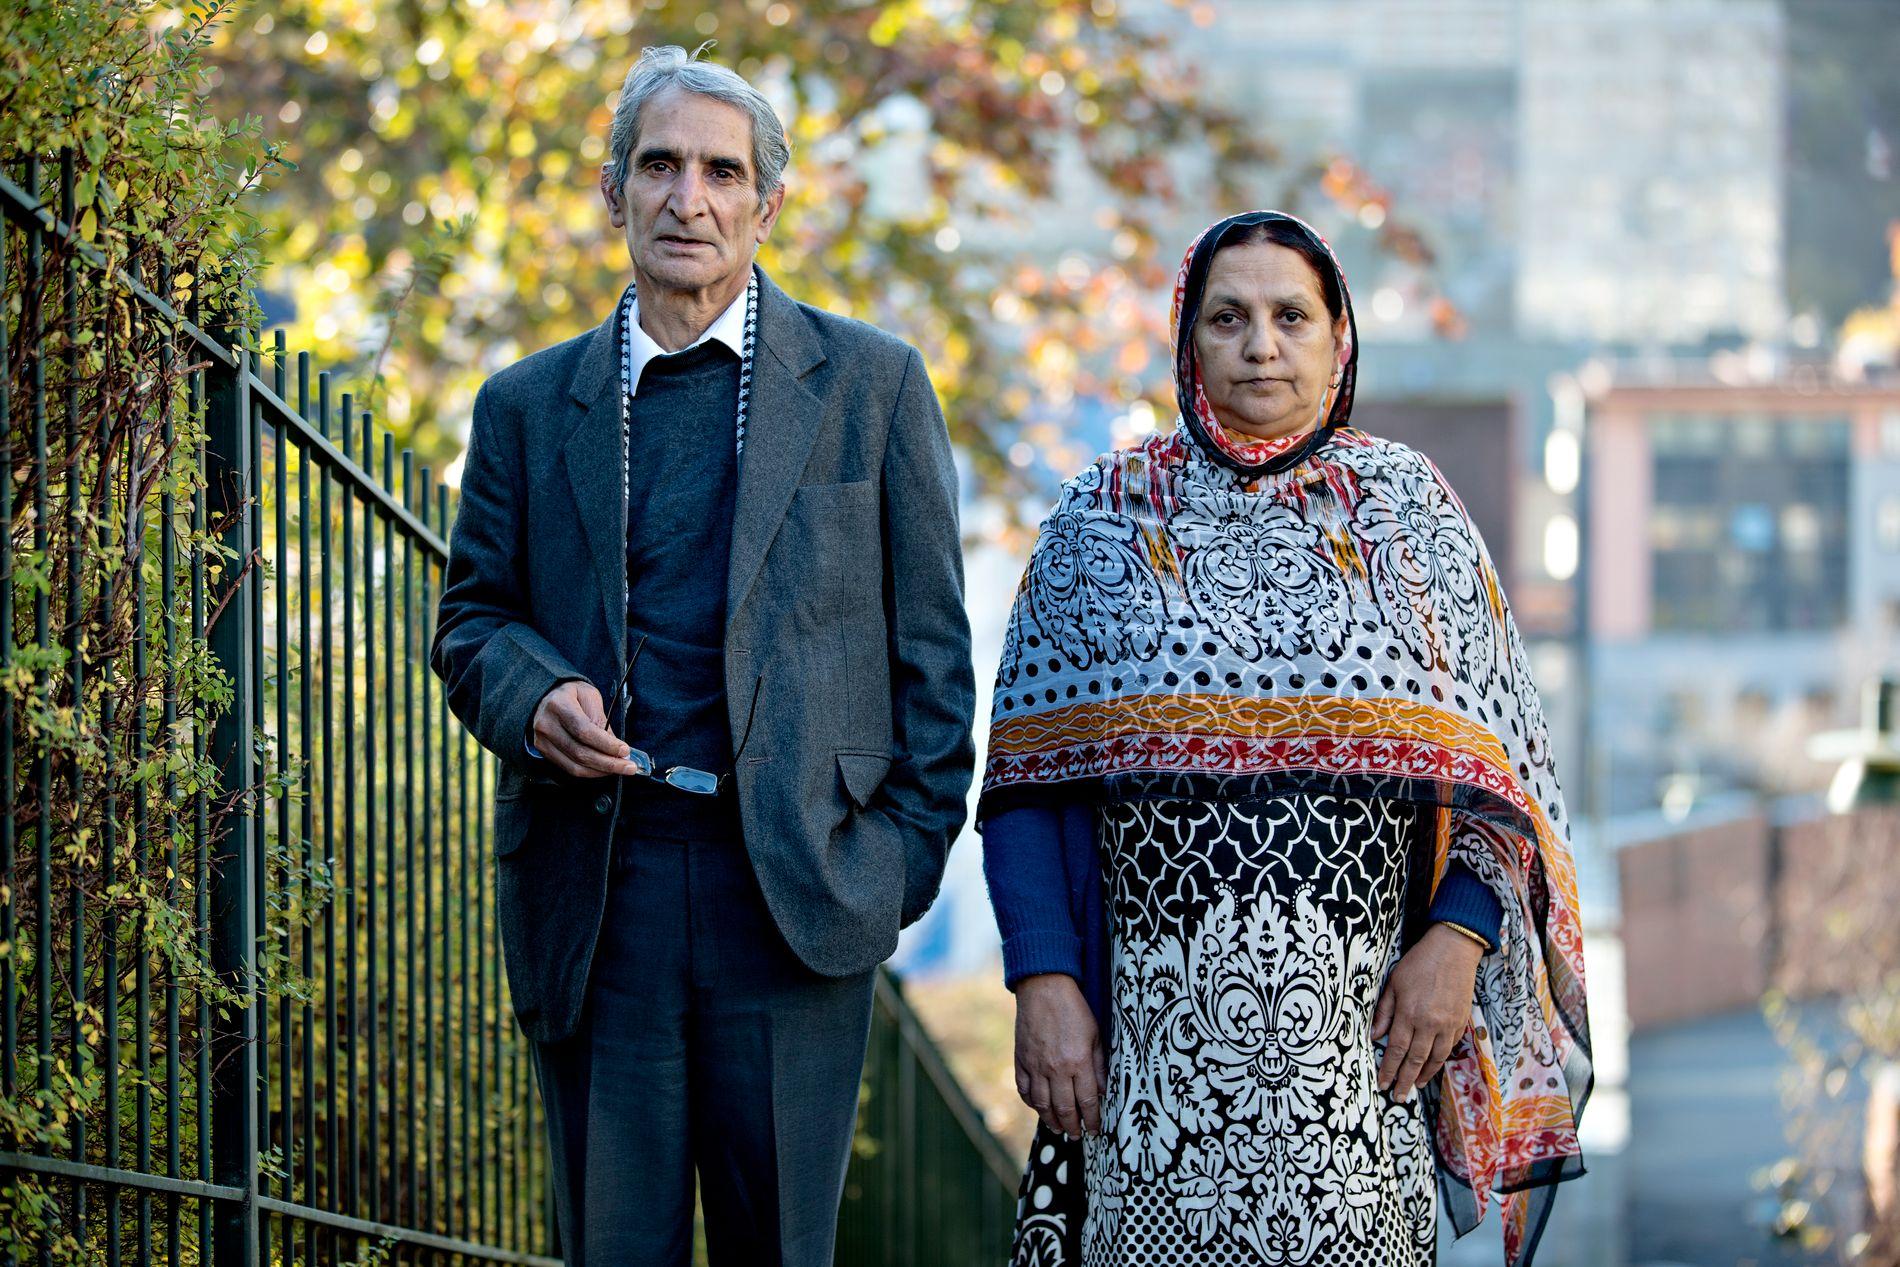 2017: Parveena Ahangar og Parvez Imroz mottok Raftoprisen for sitt arbeid i Kashmir.